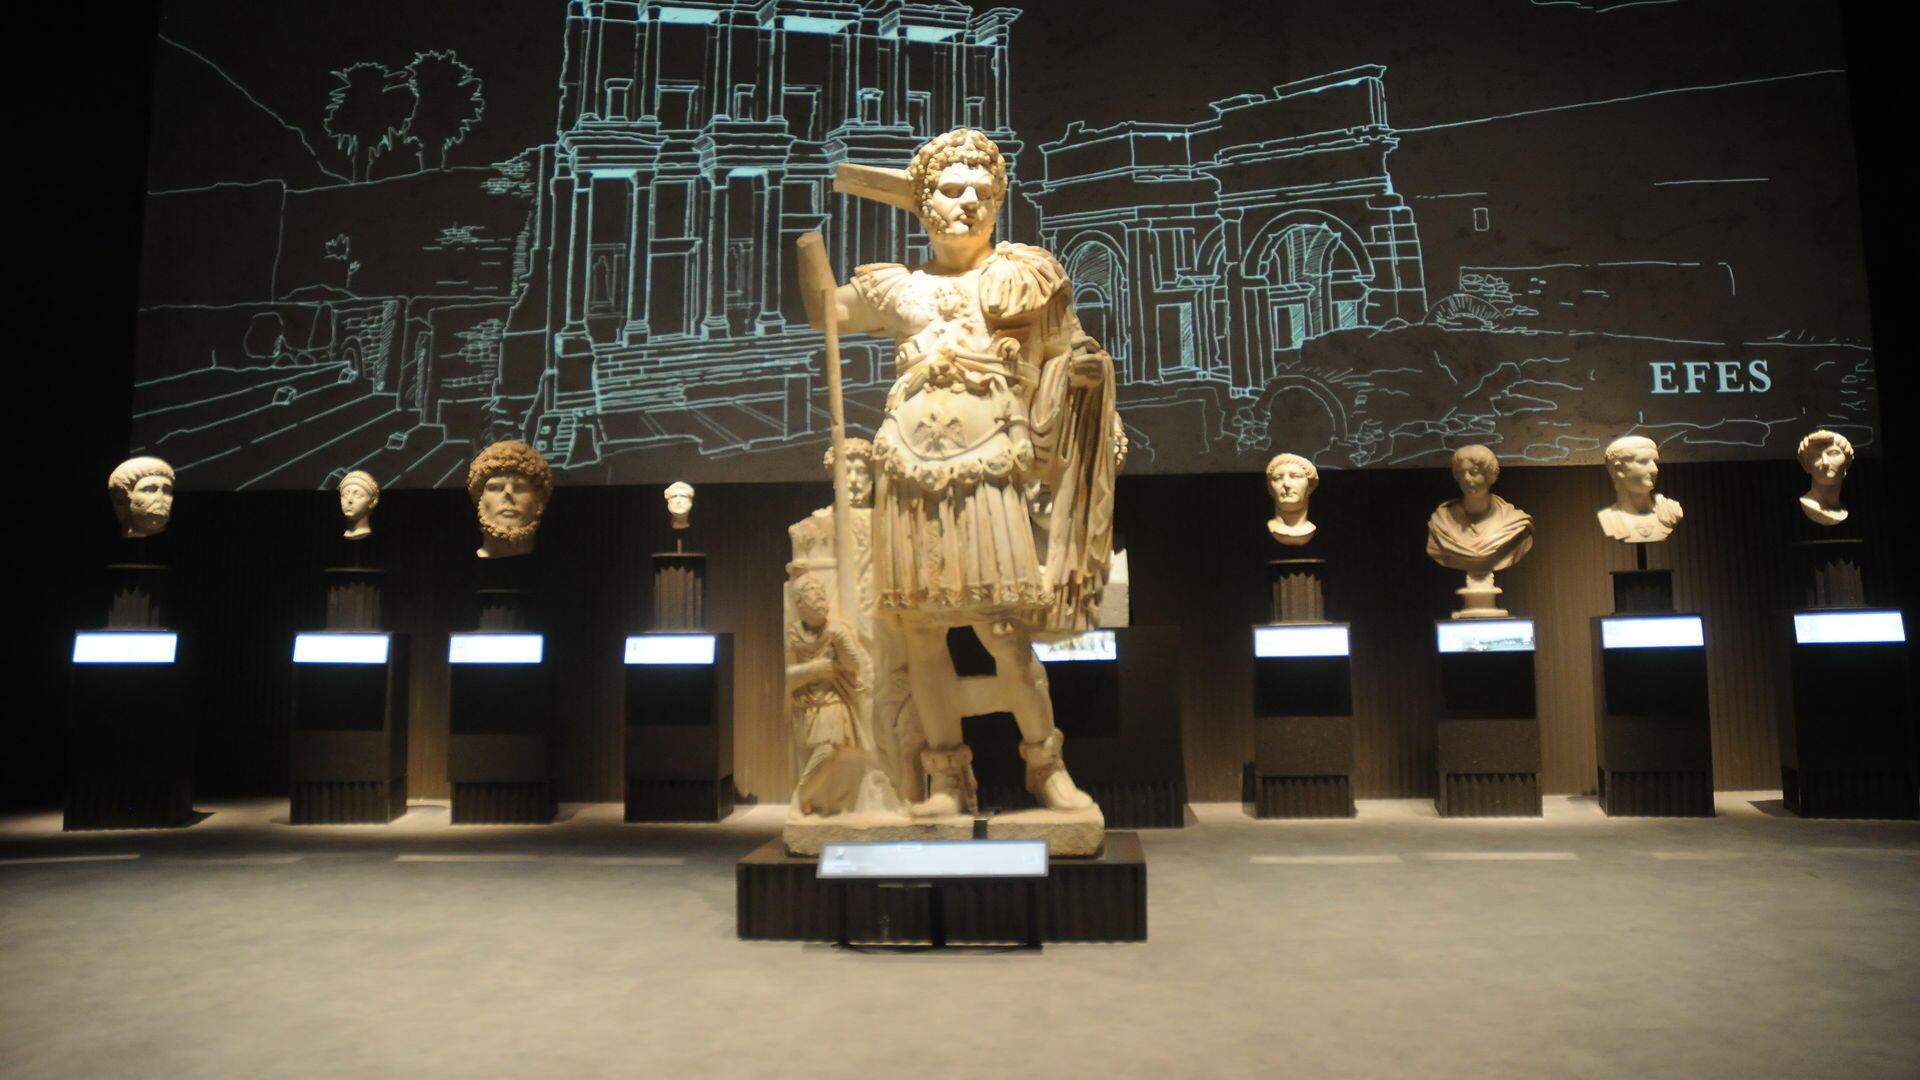 افتتاح متحف في مطار اسطنبول بمعرض